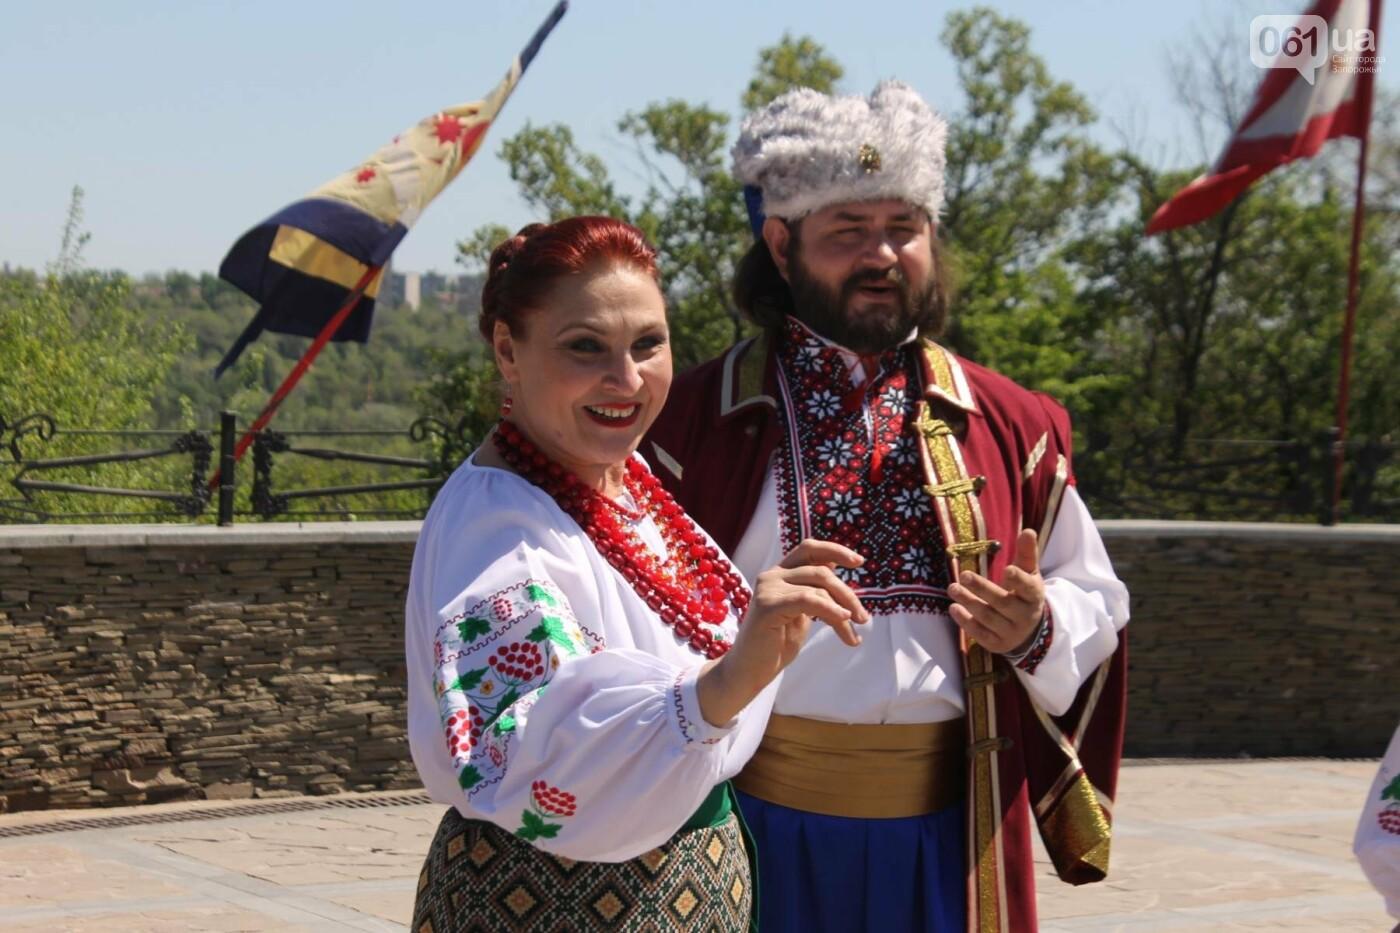 В Запорожье на Хортице концертом открыли туристический сезон: как это было, – ФОТОРЕПОРТАЖ, фото-1